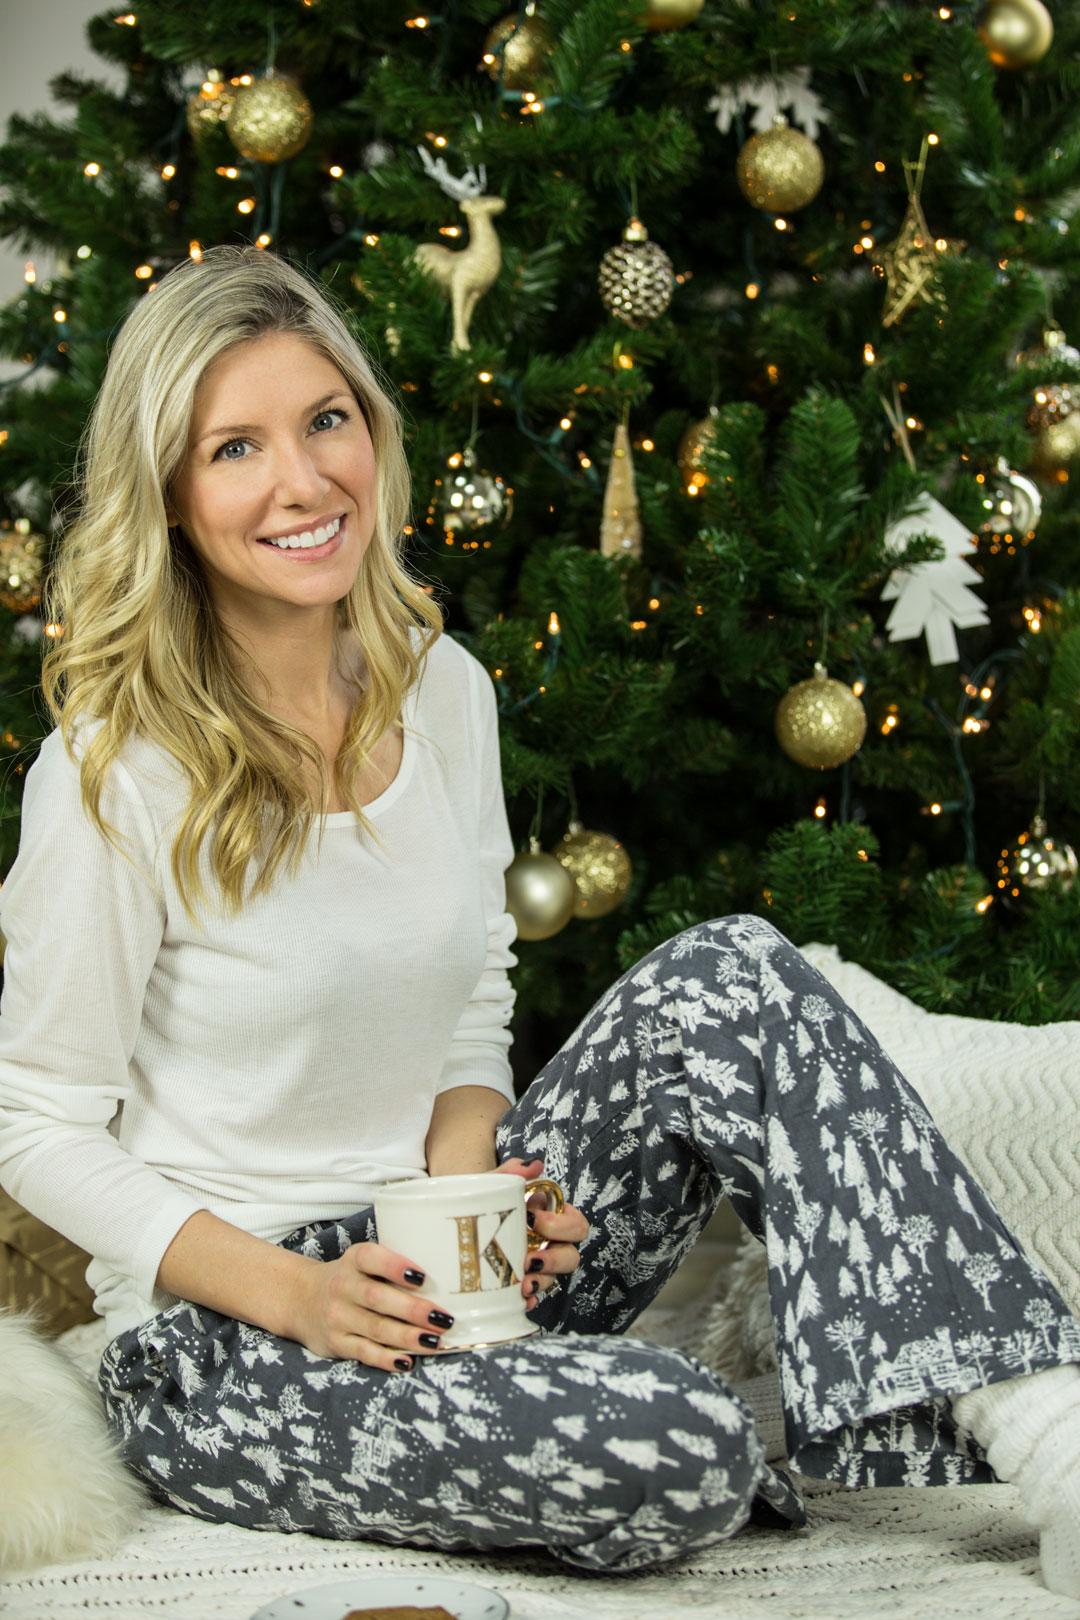 Christmas Home Decor and Pajamas